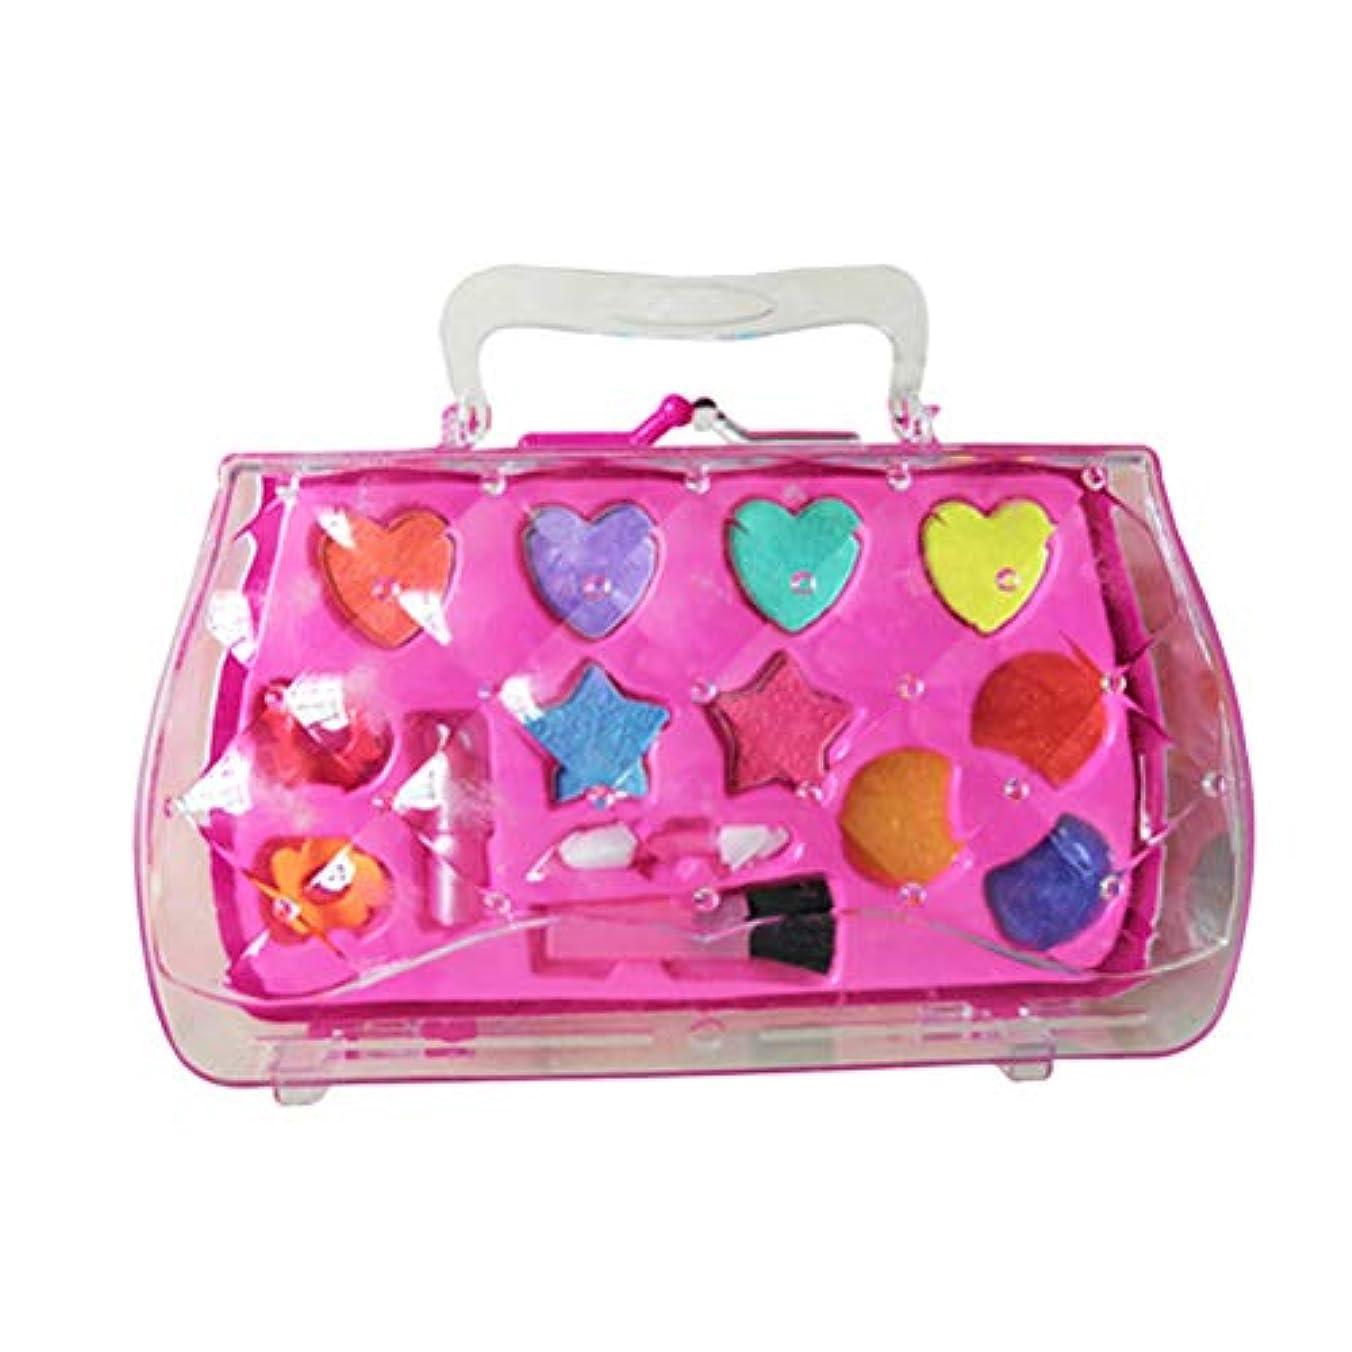 肝移動する動物Toyvian 女の子はおもちゃのセットを作る化粧品キットの口紅アイシャドーブラシ子供のためのおもちゃを作る女の子(ピンク)